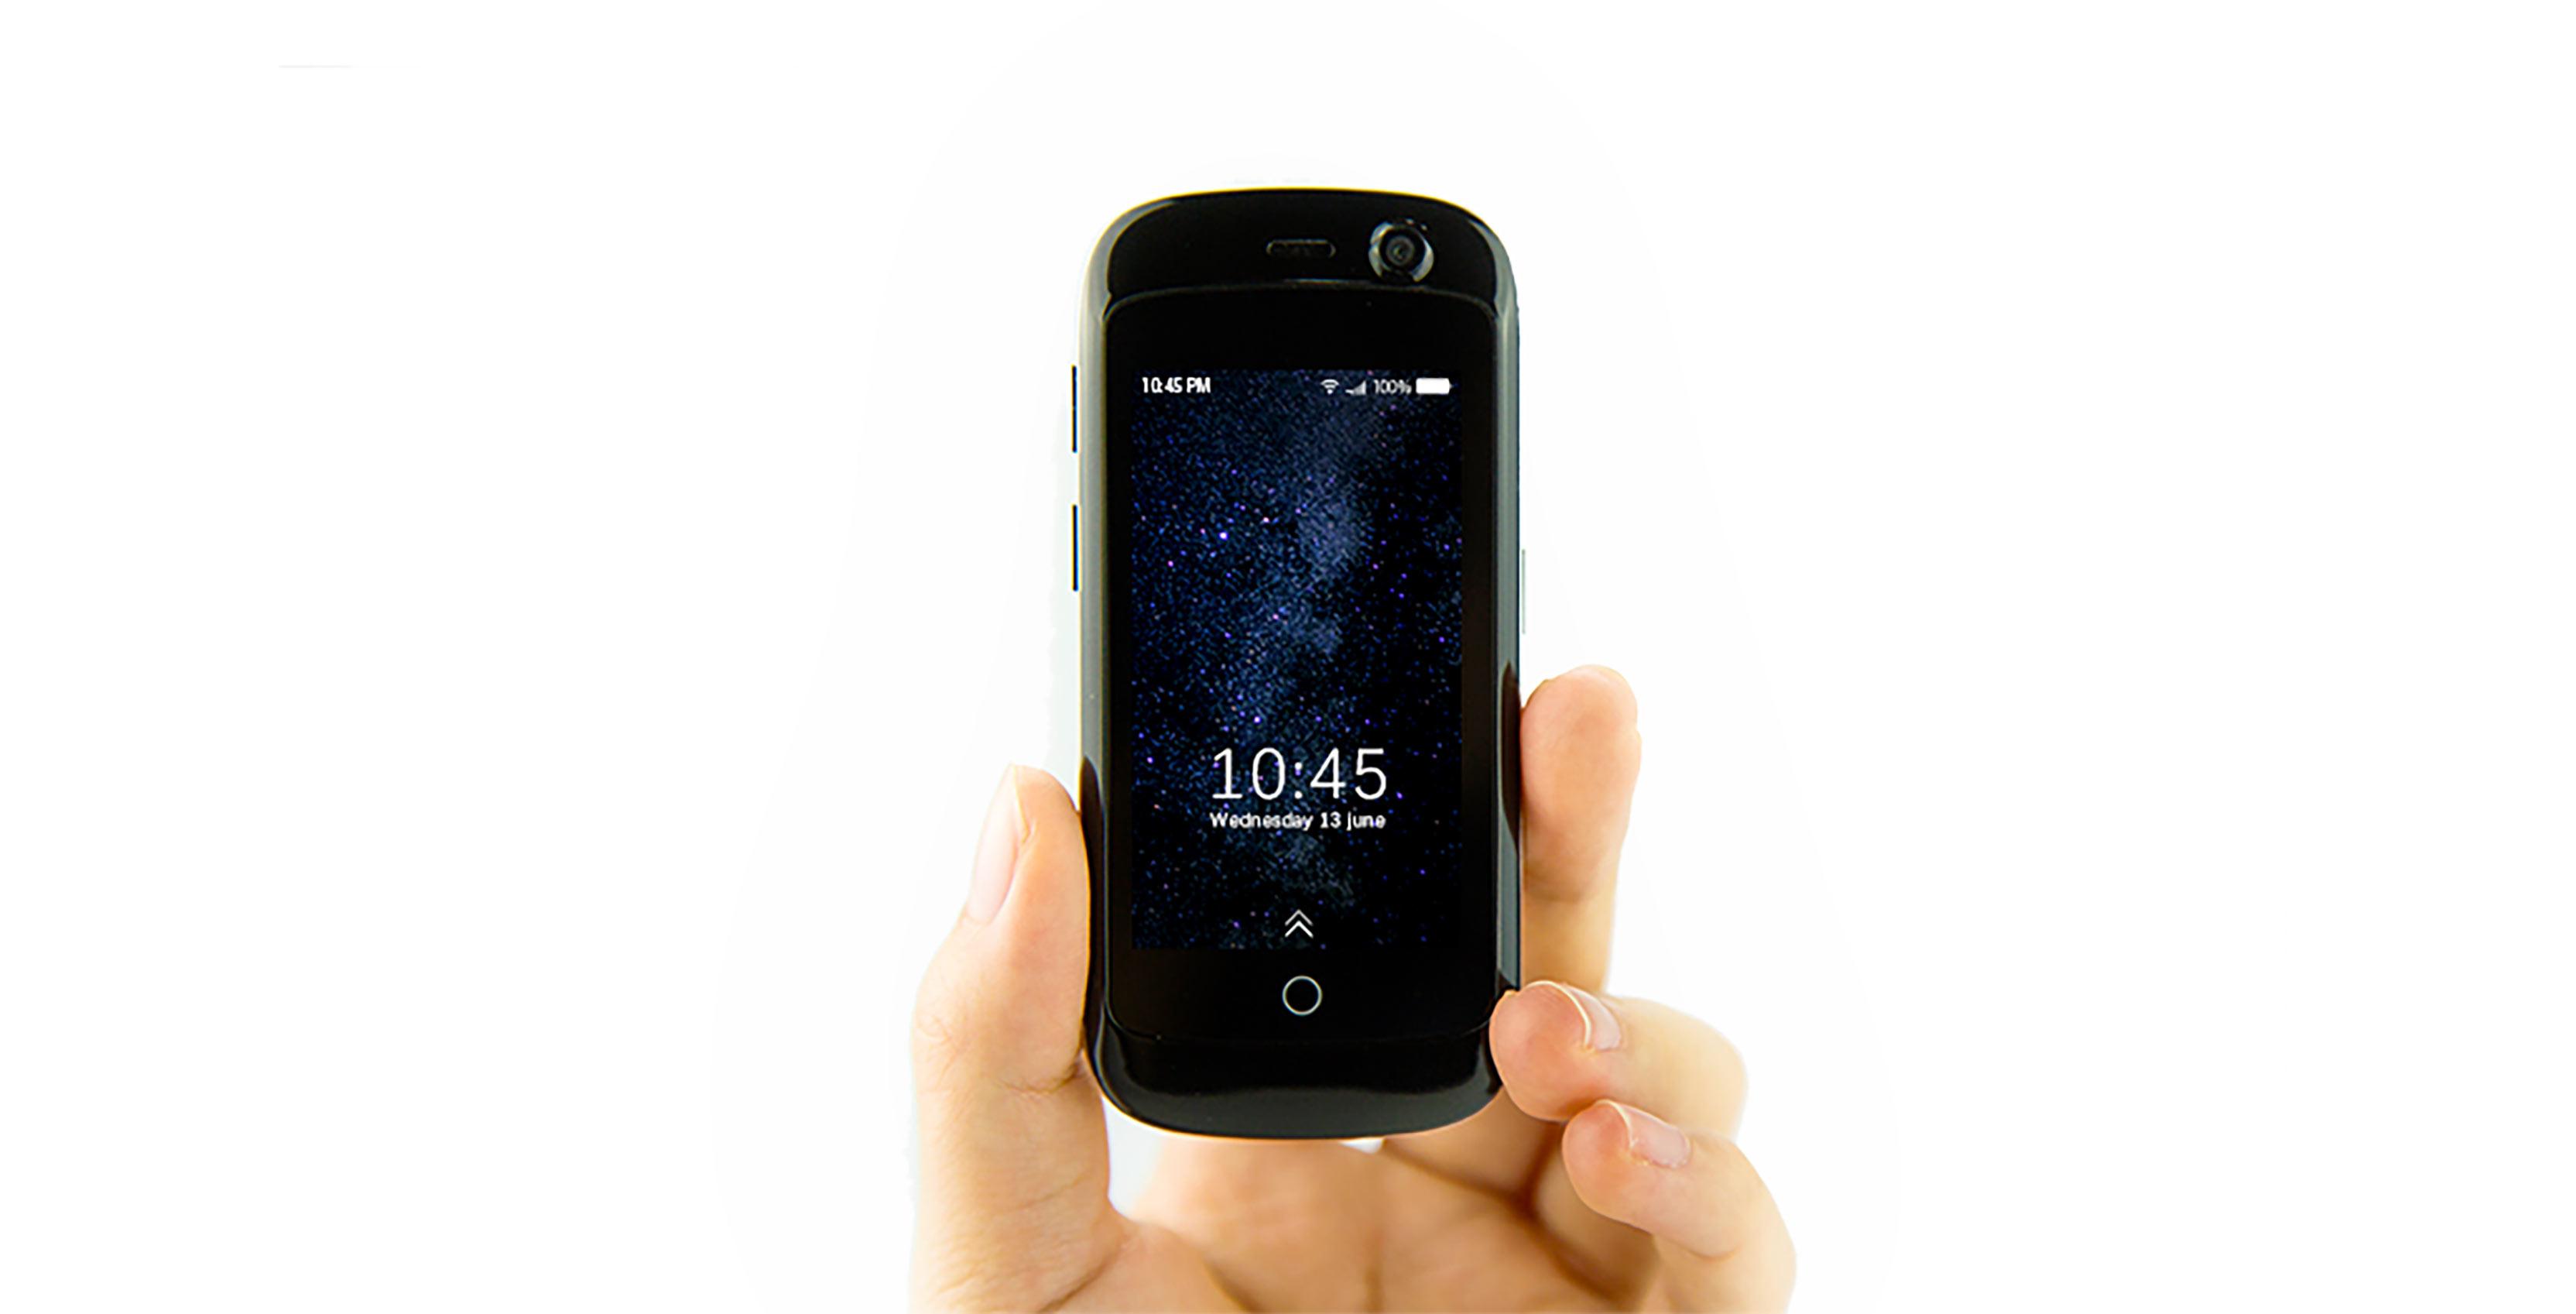 Jelly mini smartphone in hand